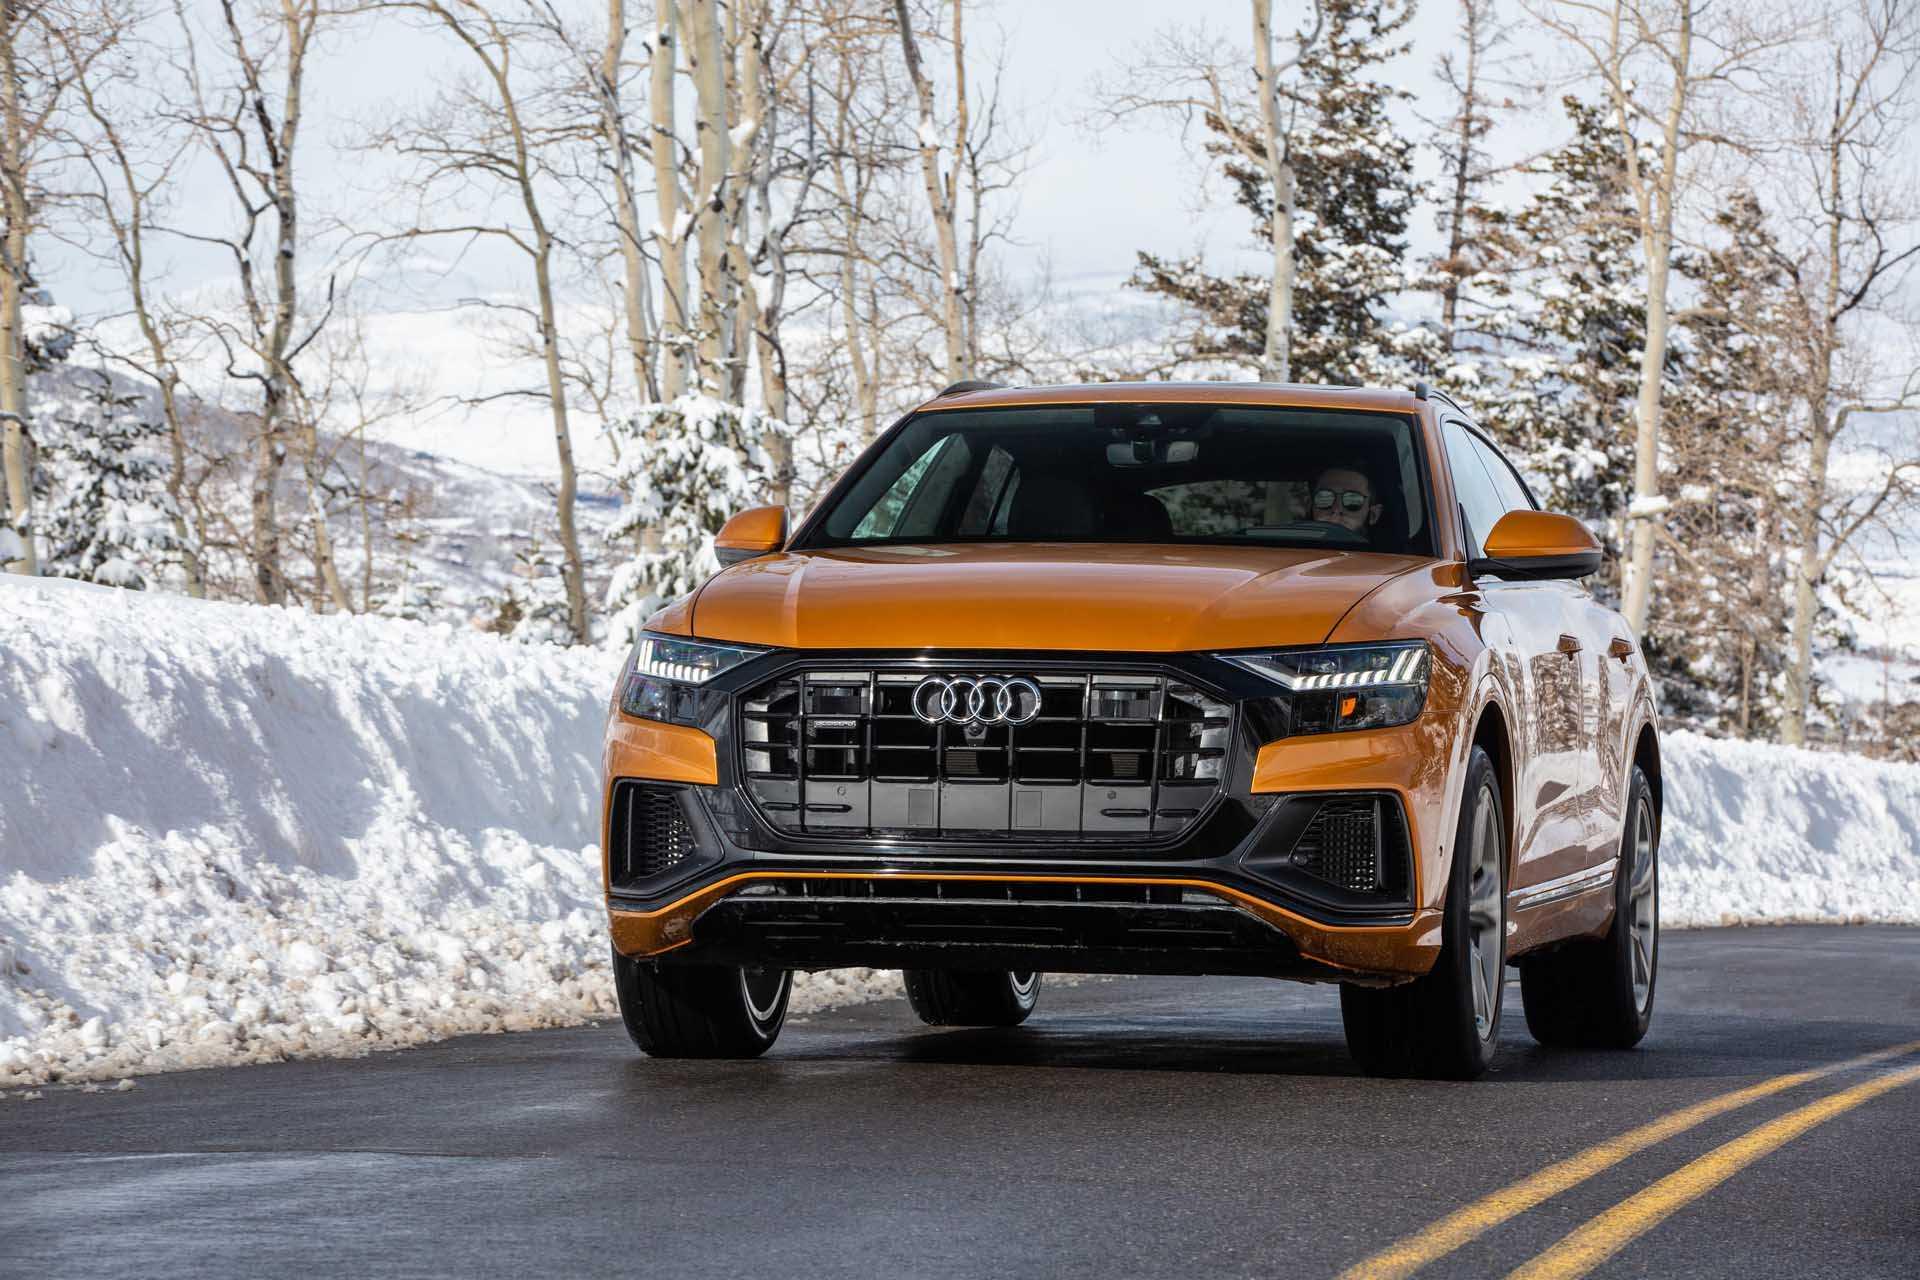 Внешний дизайн Audi RS Q8 интерьер двигатели и трансмиссия технические характеристики тест драйв старт продаж